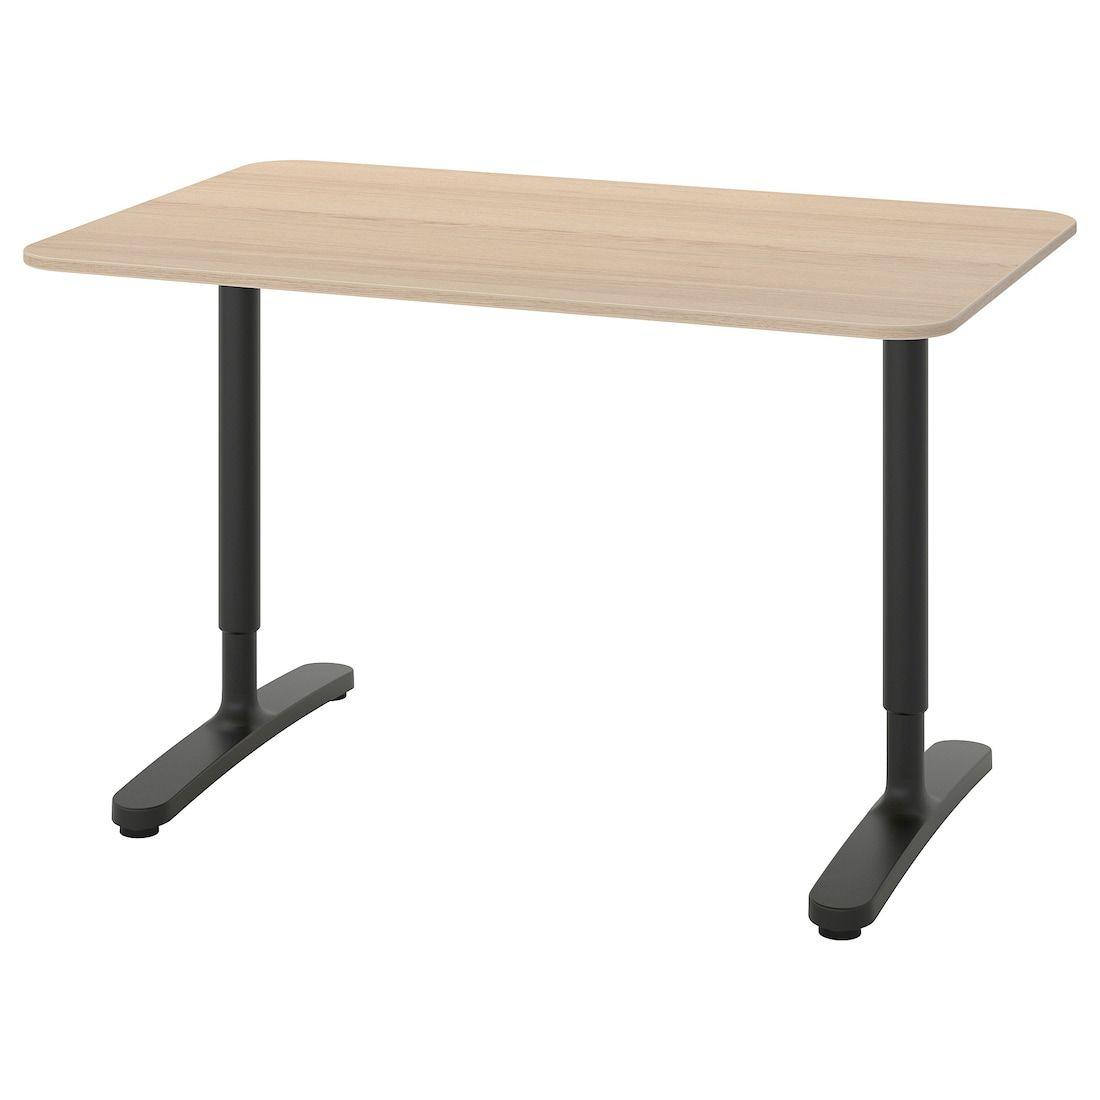 Bekant Corner Desk Left Sit Stand White 63x43 1 4 Ikea Ikea Bekant Ikea Woodworking Desk Plans